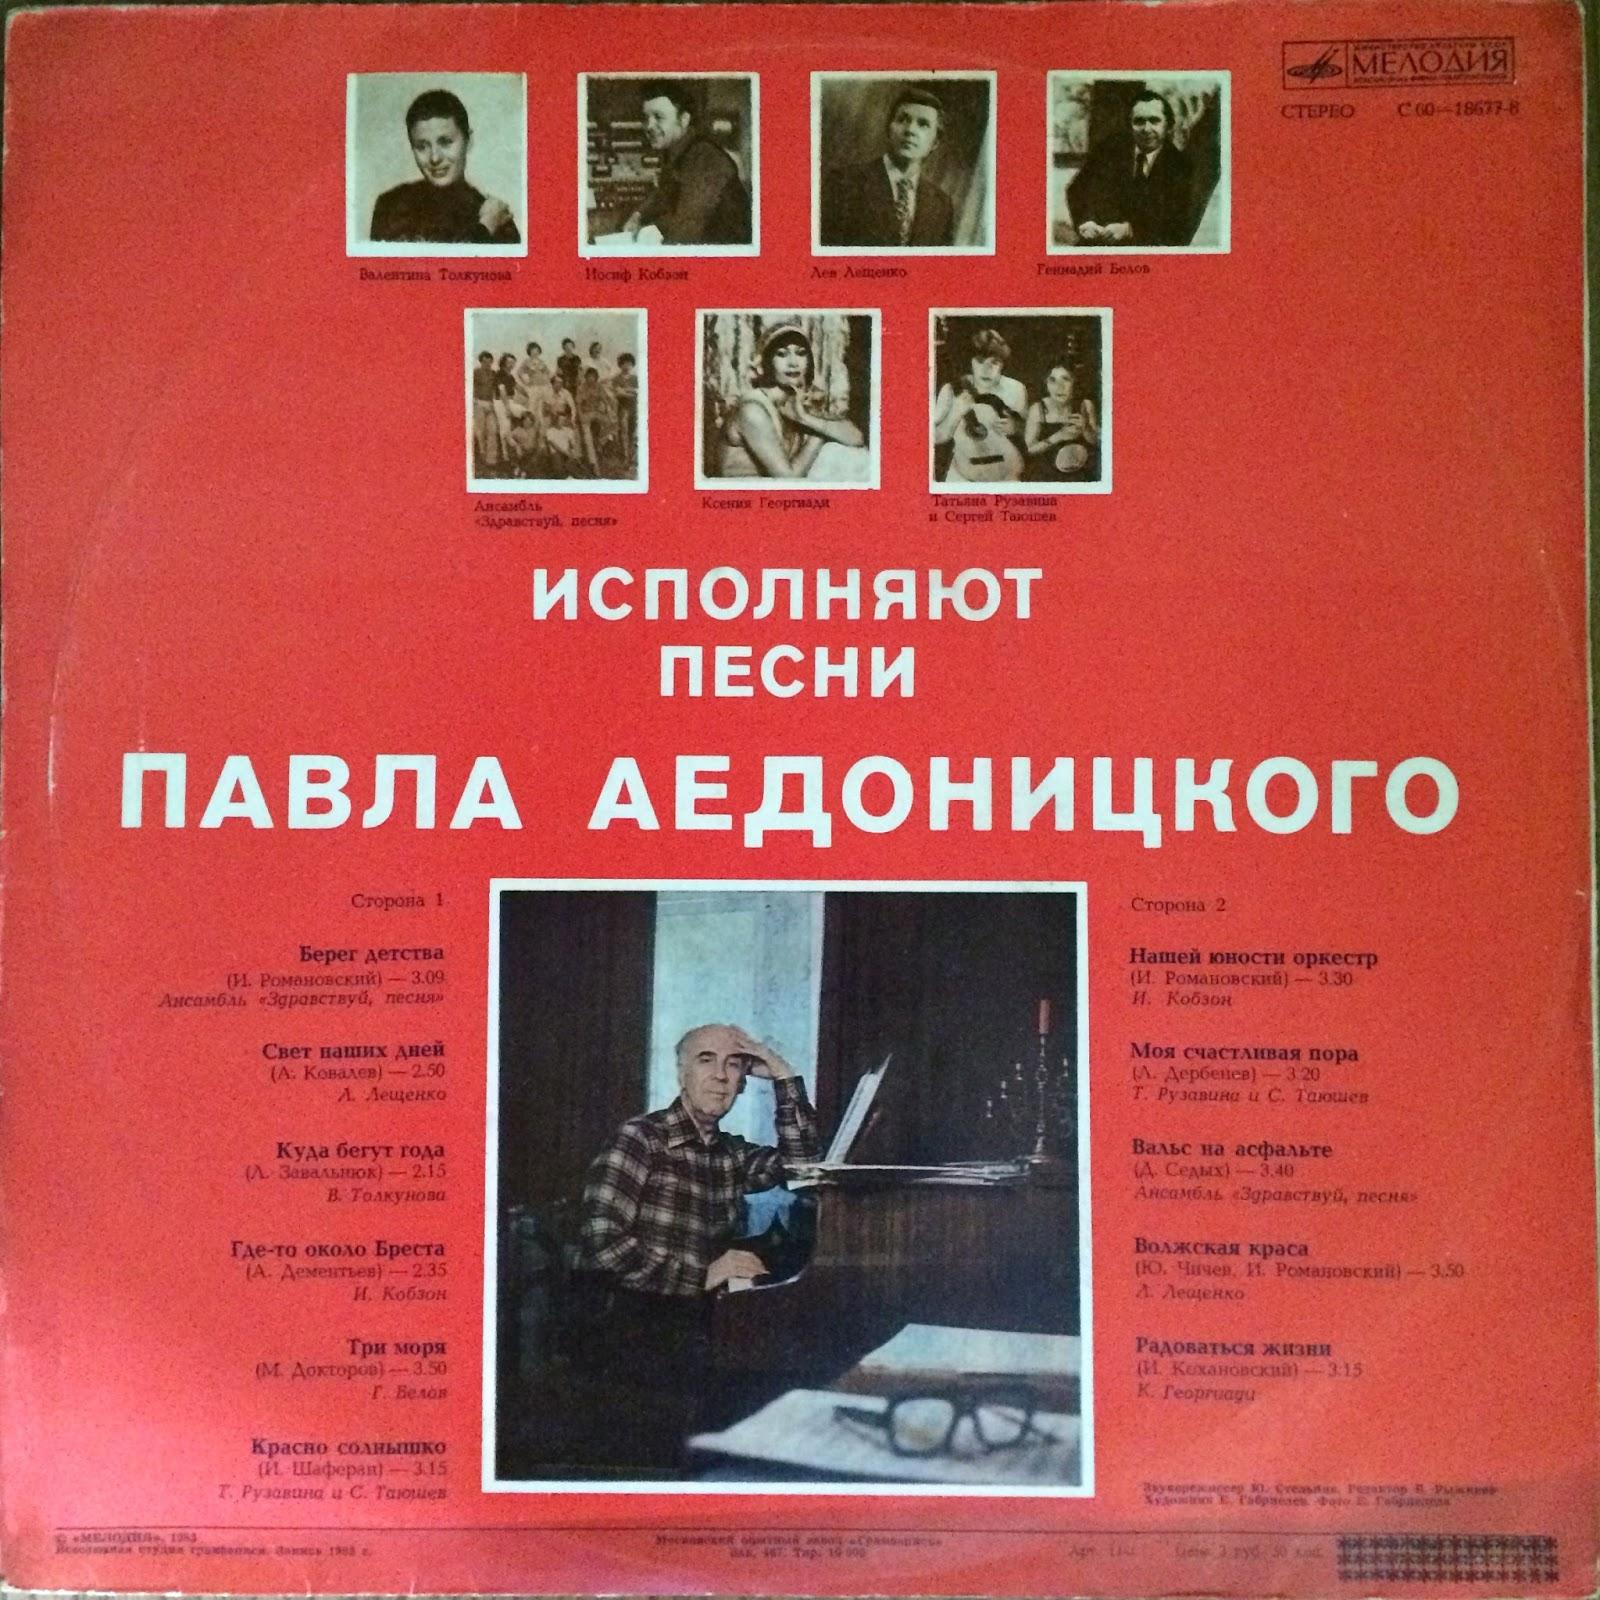 Павел Аедоницкий - Раздумье (Песни Павла Аедоницкого)